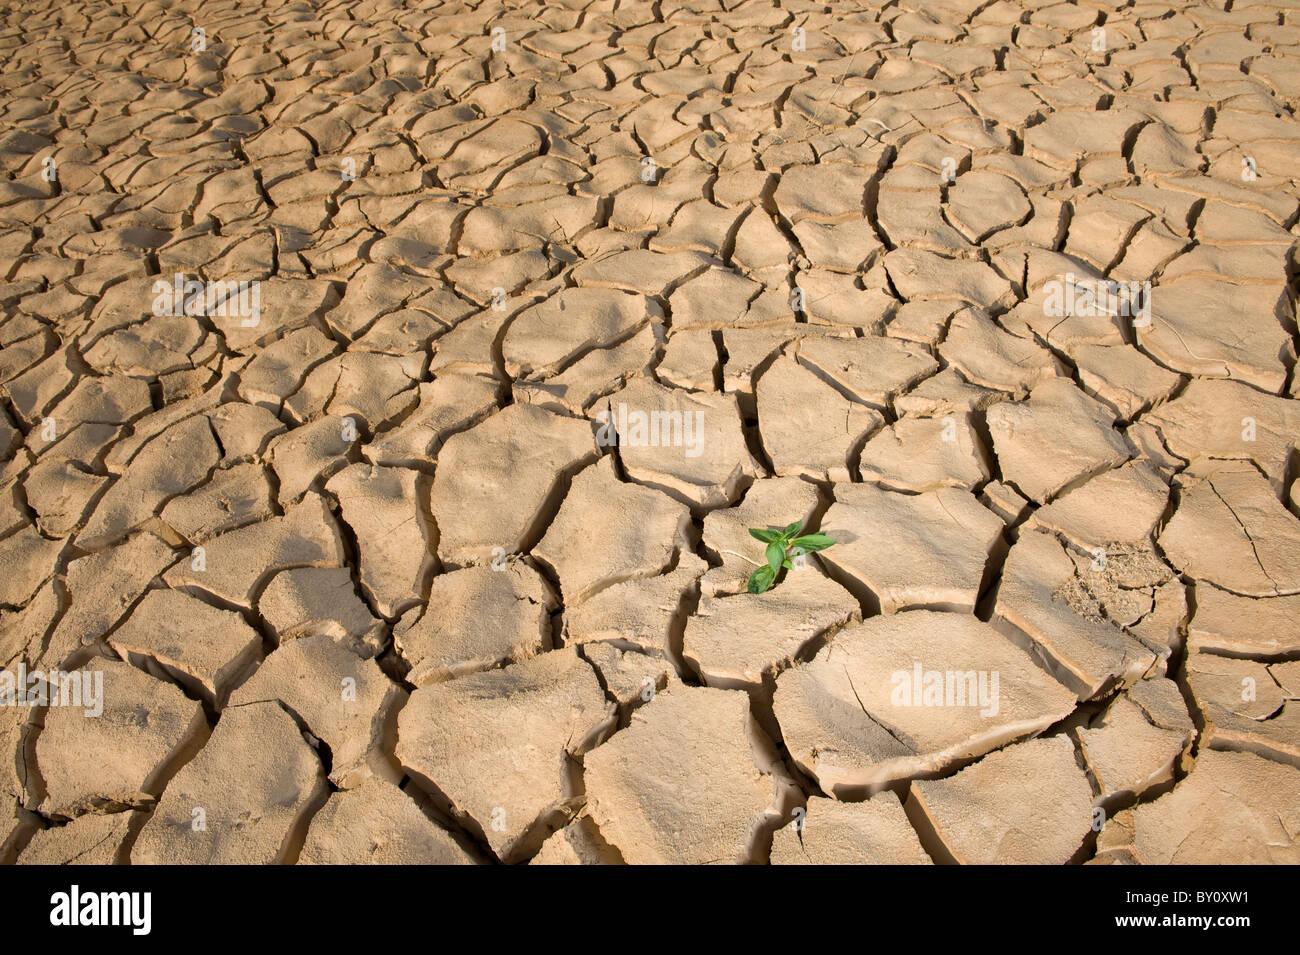 Pequeñas plantas de albahaca en apile de suelo con una fisura en la superficie del suelo Imagen De Stock